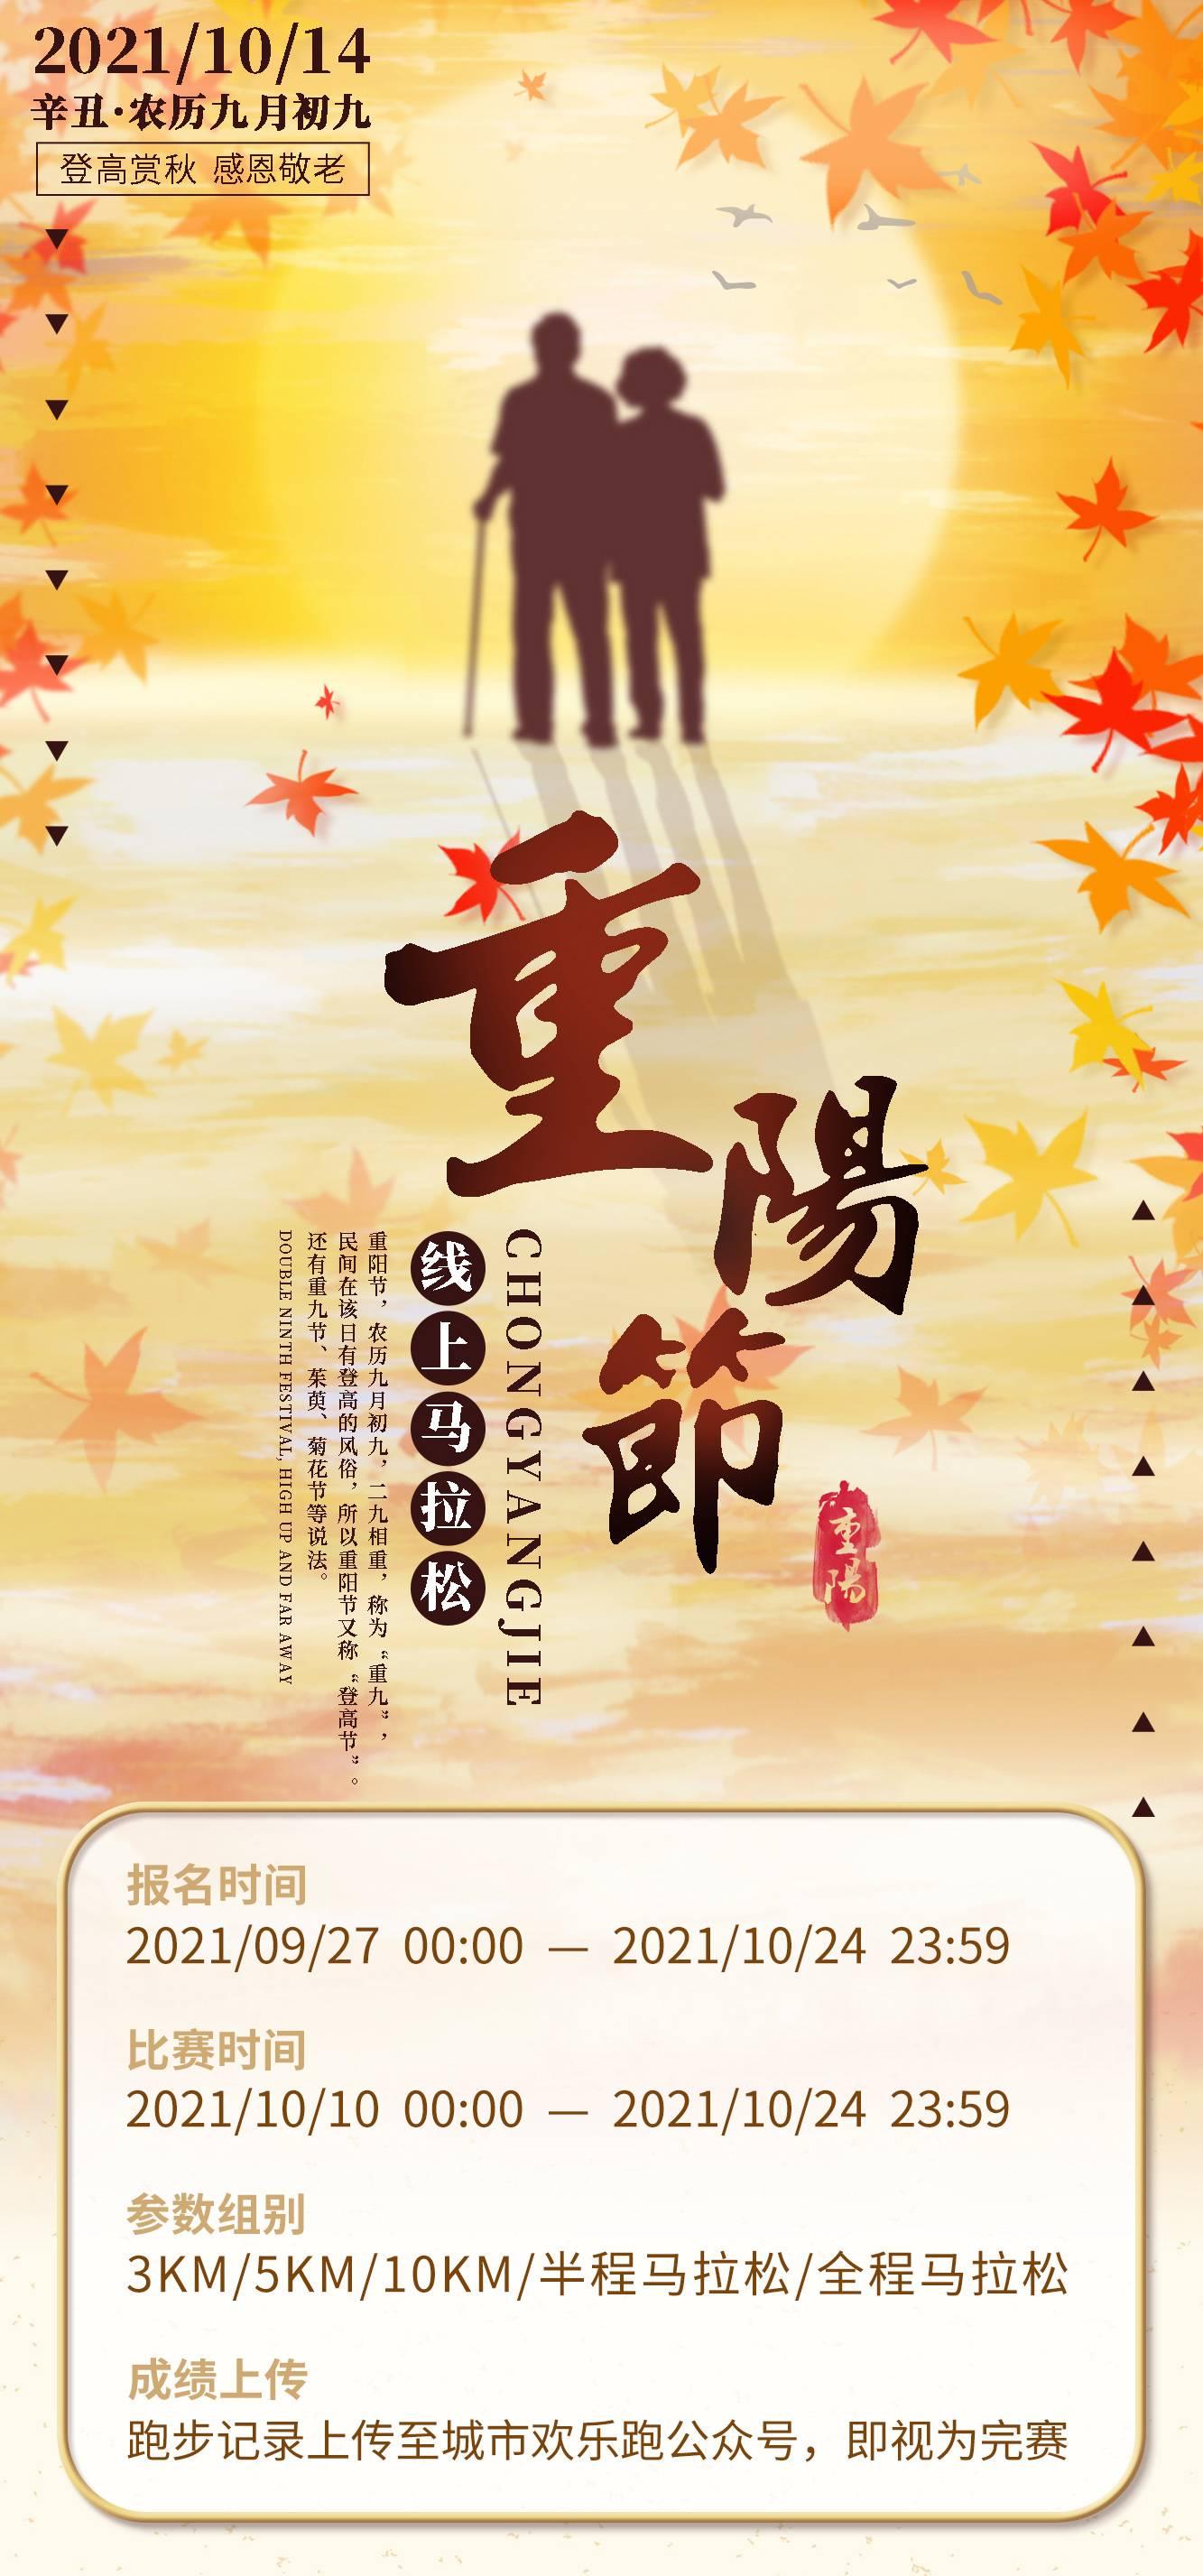 重阳活动_02.jpg